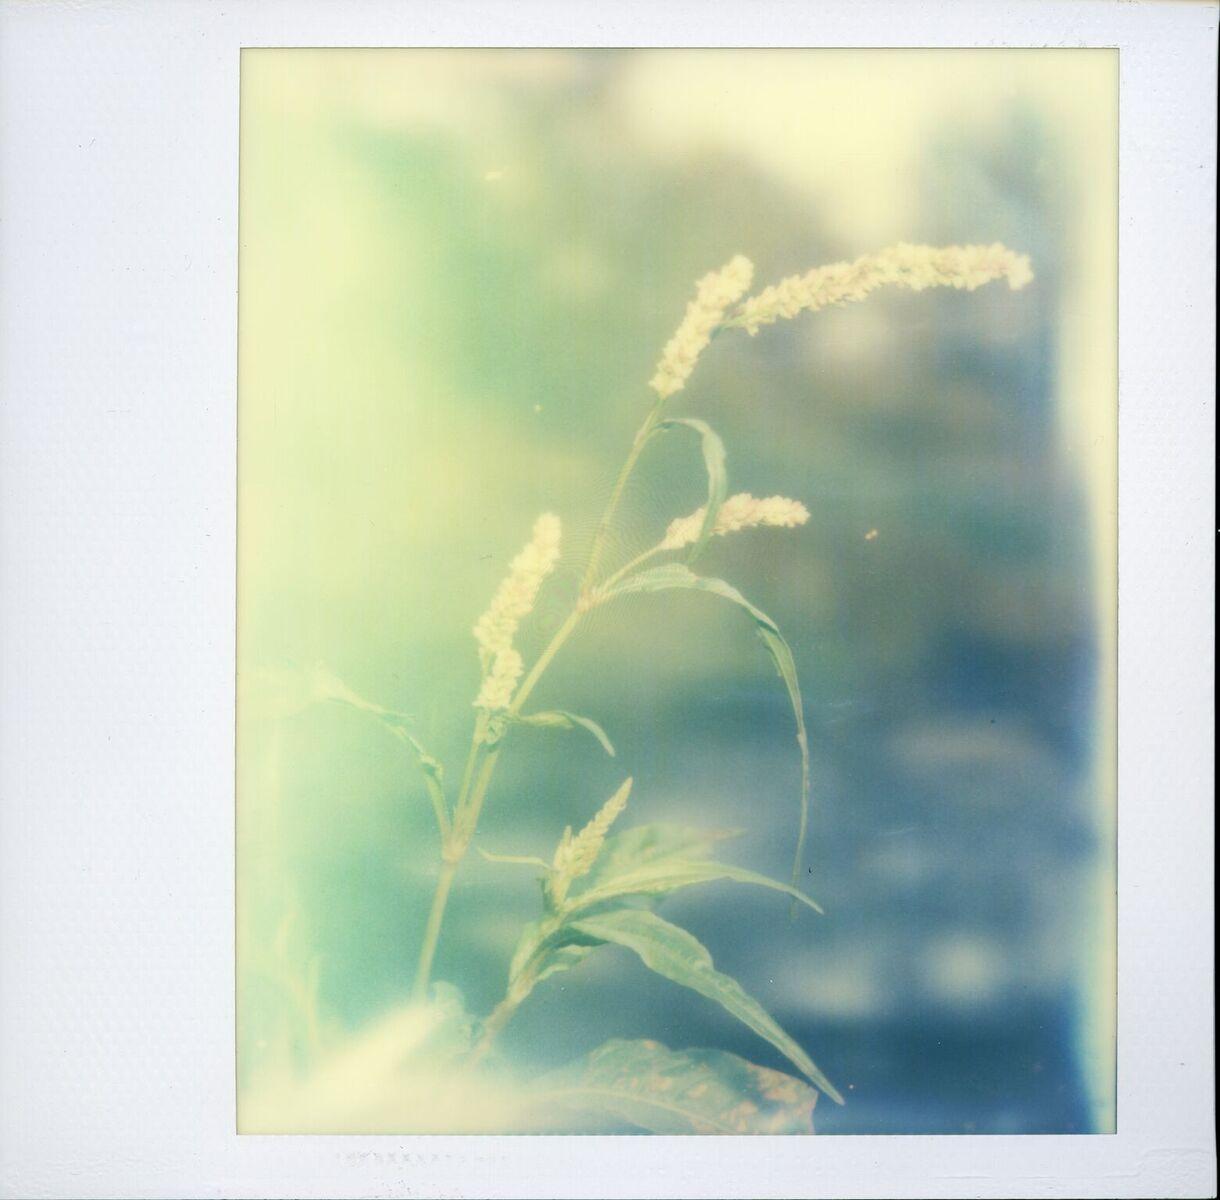 Fairy Grass | Polaroid SX-70 | Impossible Project Spectra Color Gen 2 | Ecasy Chino